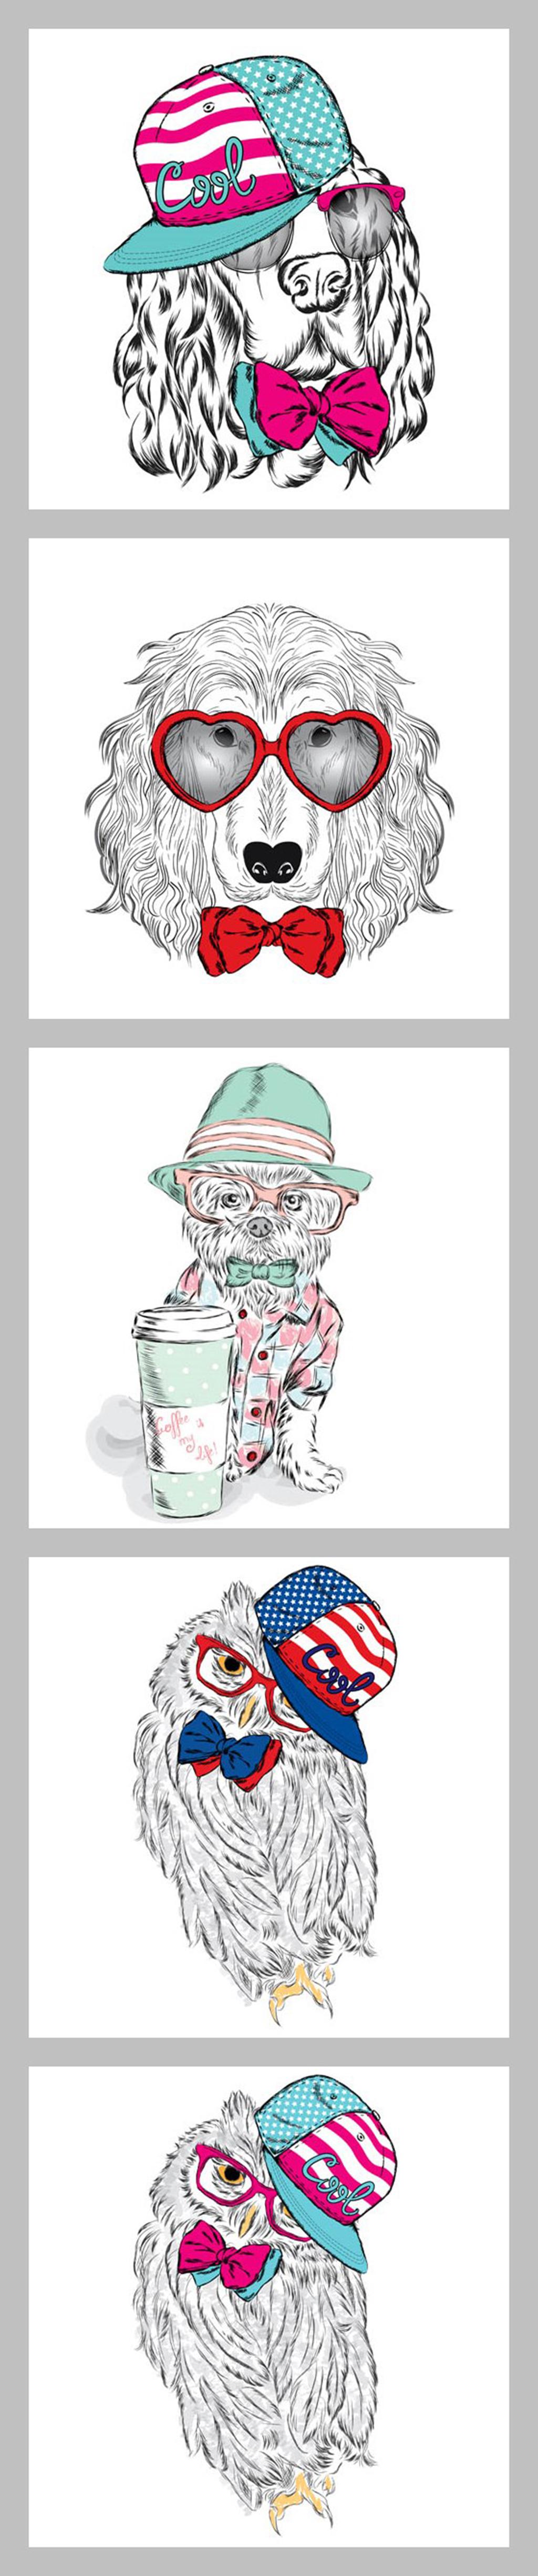 手绘卡通动物装饰画图片设计素材_高清eps模板下载(22